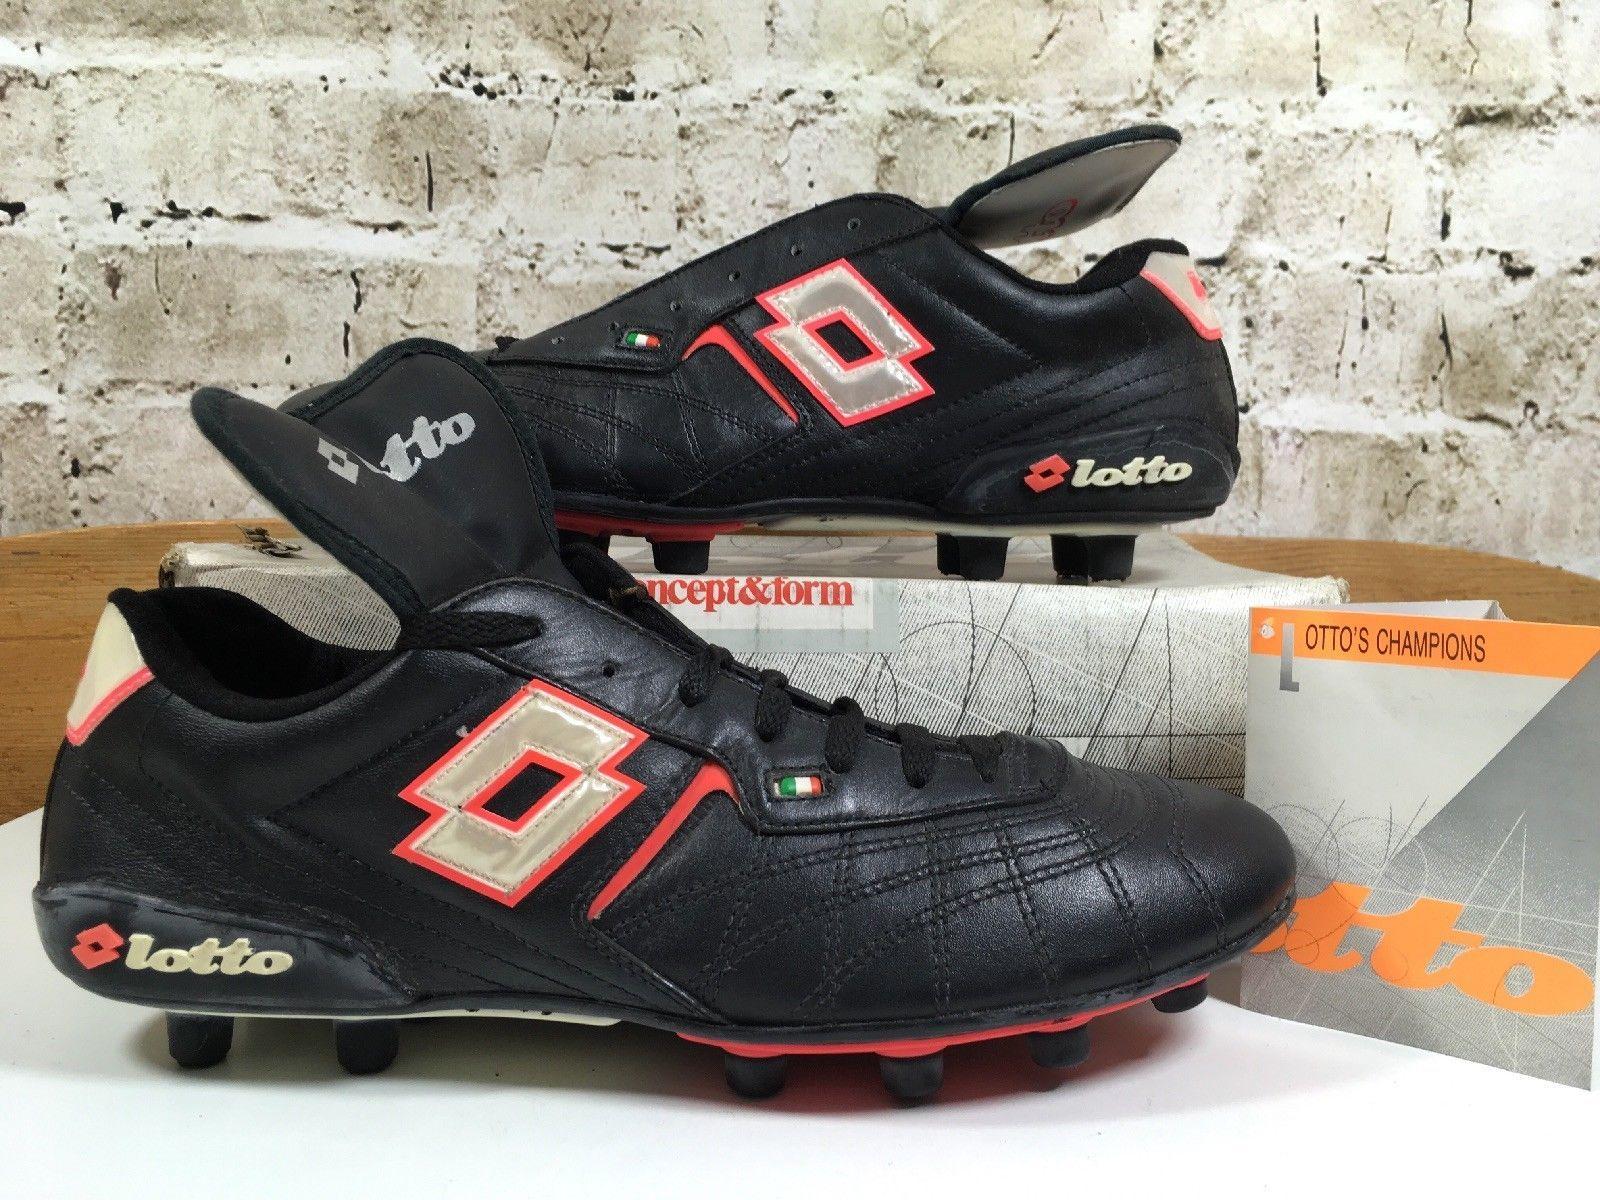 Vintage 1990s Lotto Romario Football Boots Uk 8 5 Us9 5 Eu42 5 Rare Soccer Cleat Ebay Zapatos De Futbol Zapatos Futbol